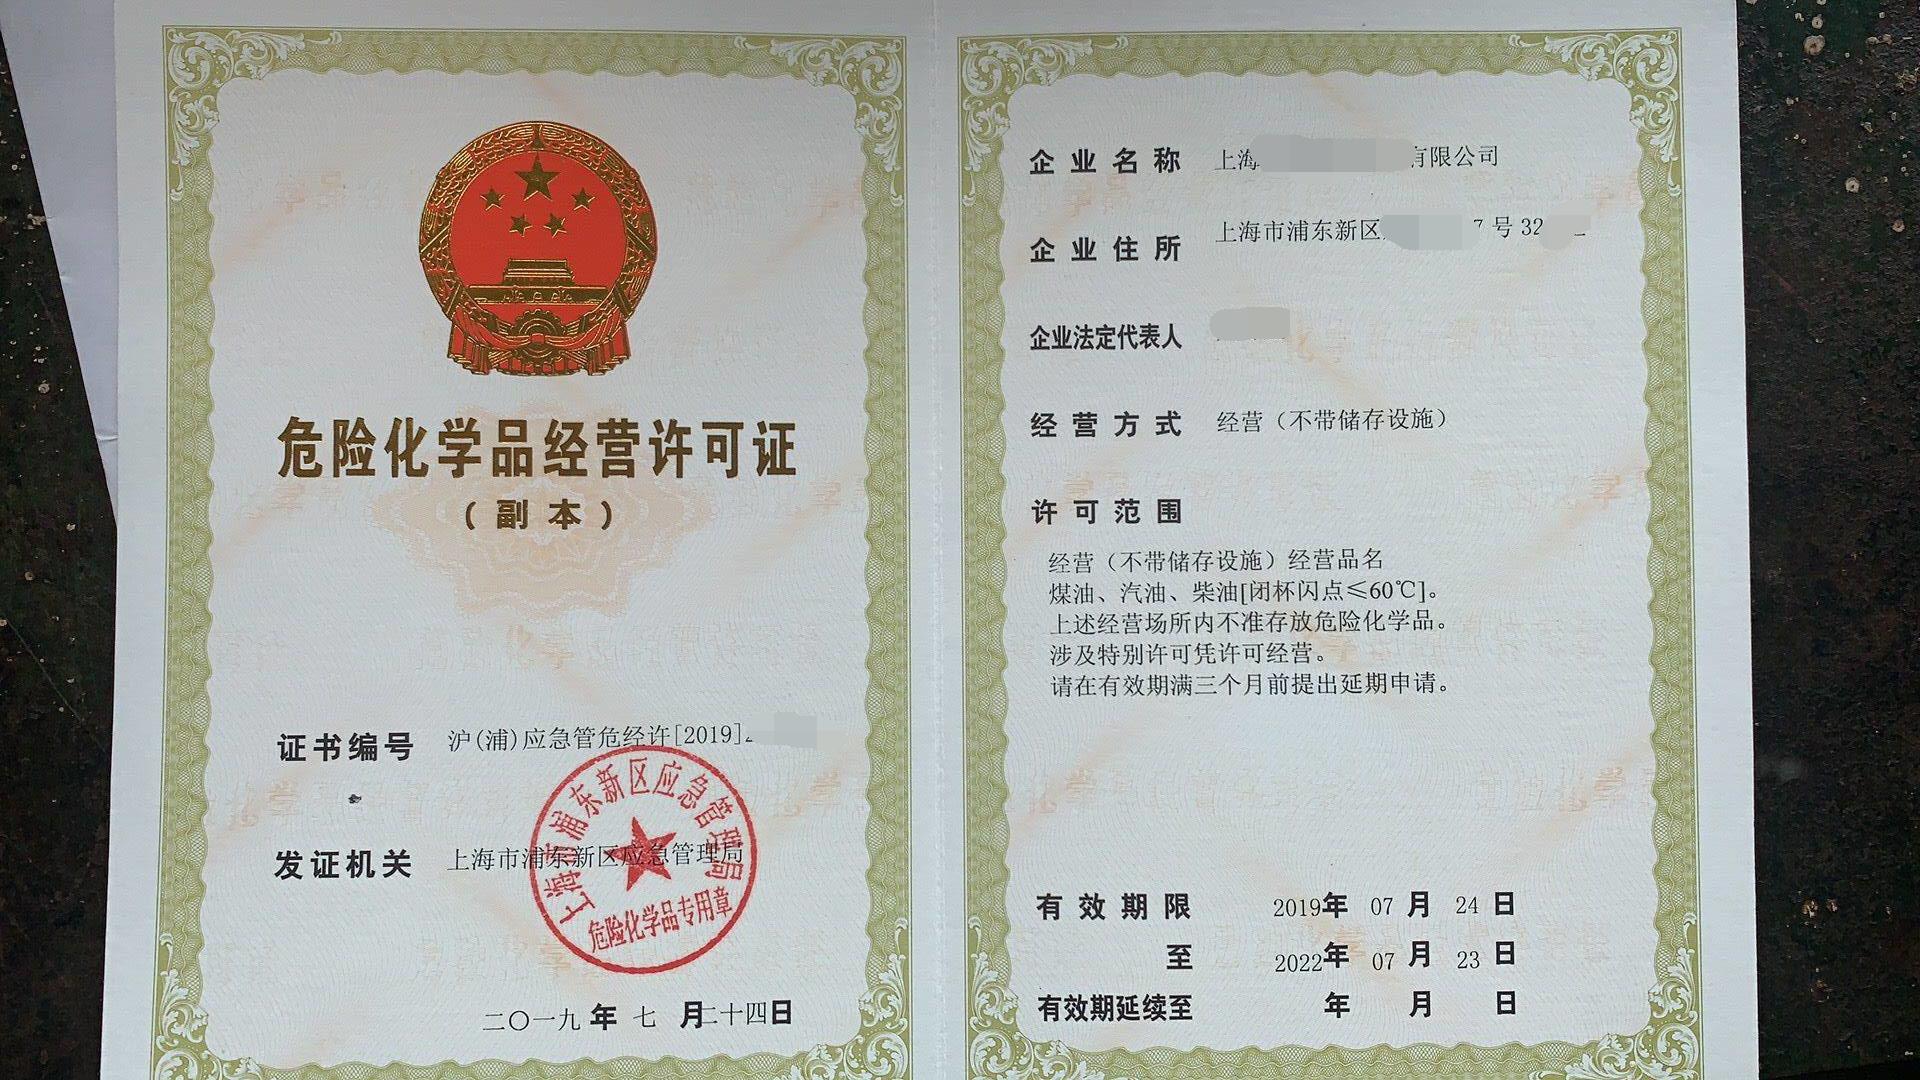 高品质提供危险化学品经营许可证办理_危化证危险化学品经营许可证危险品证相关